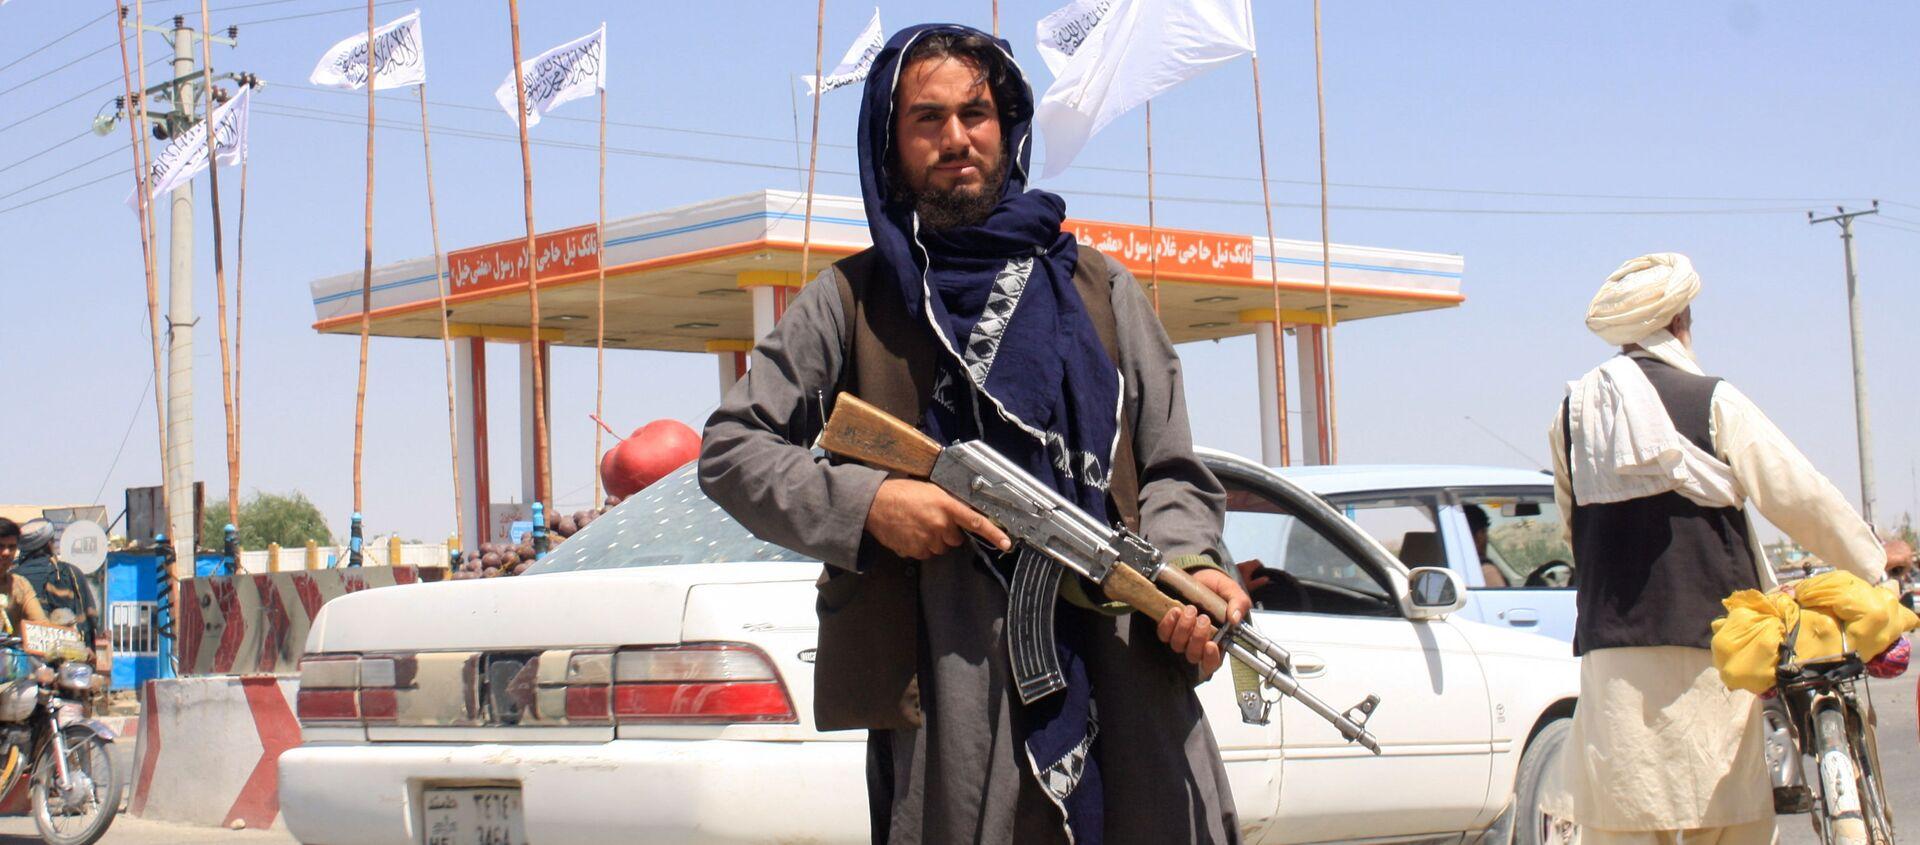 Một chiến binh Taliban đứng nhìn khi anh ta đứng tại thành phố Ghazni, Afghanistan ngày 14 tháng 8 năm 2021. - Sputnik Việt Nam, 1920, 17.08.2021